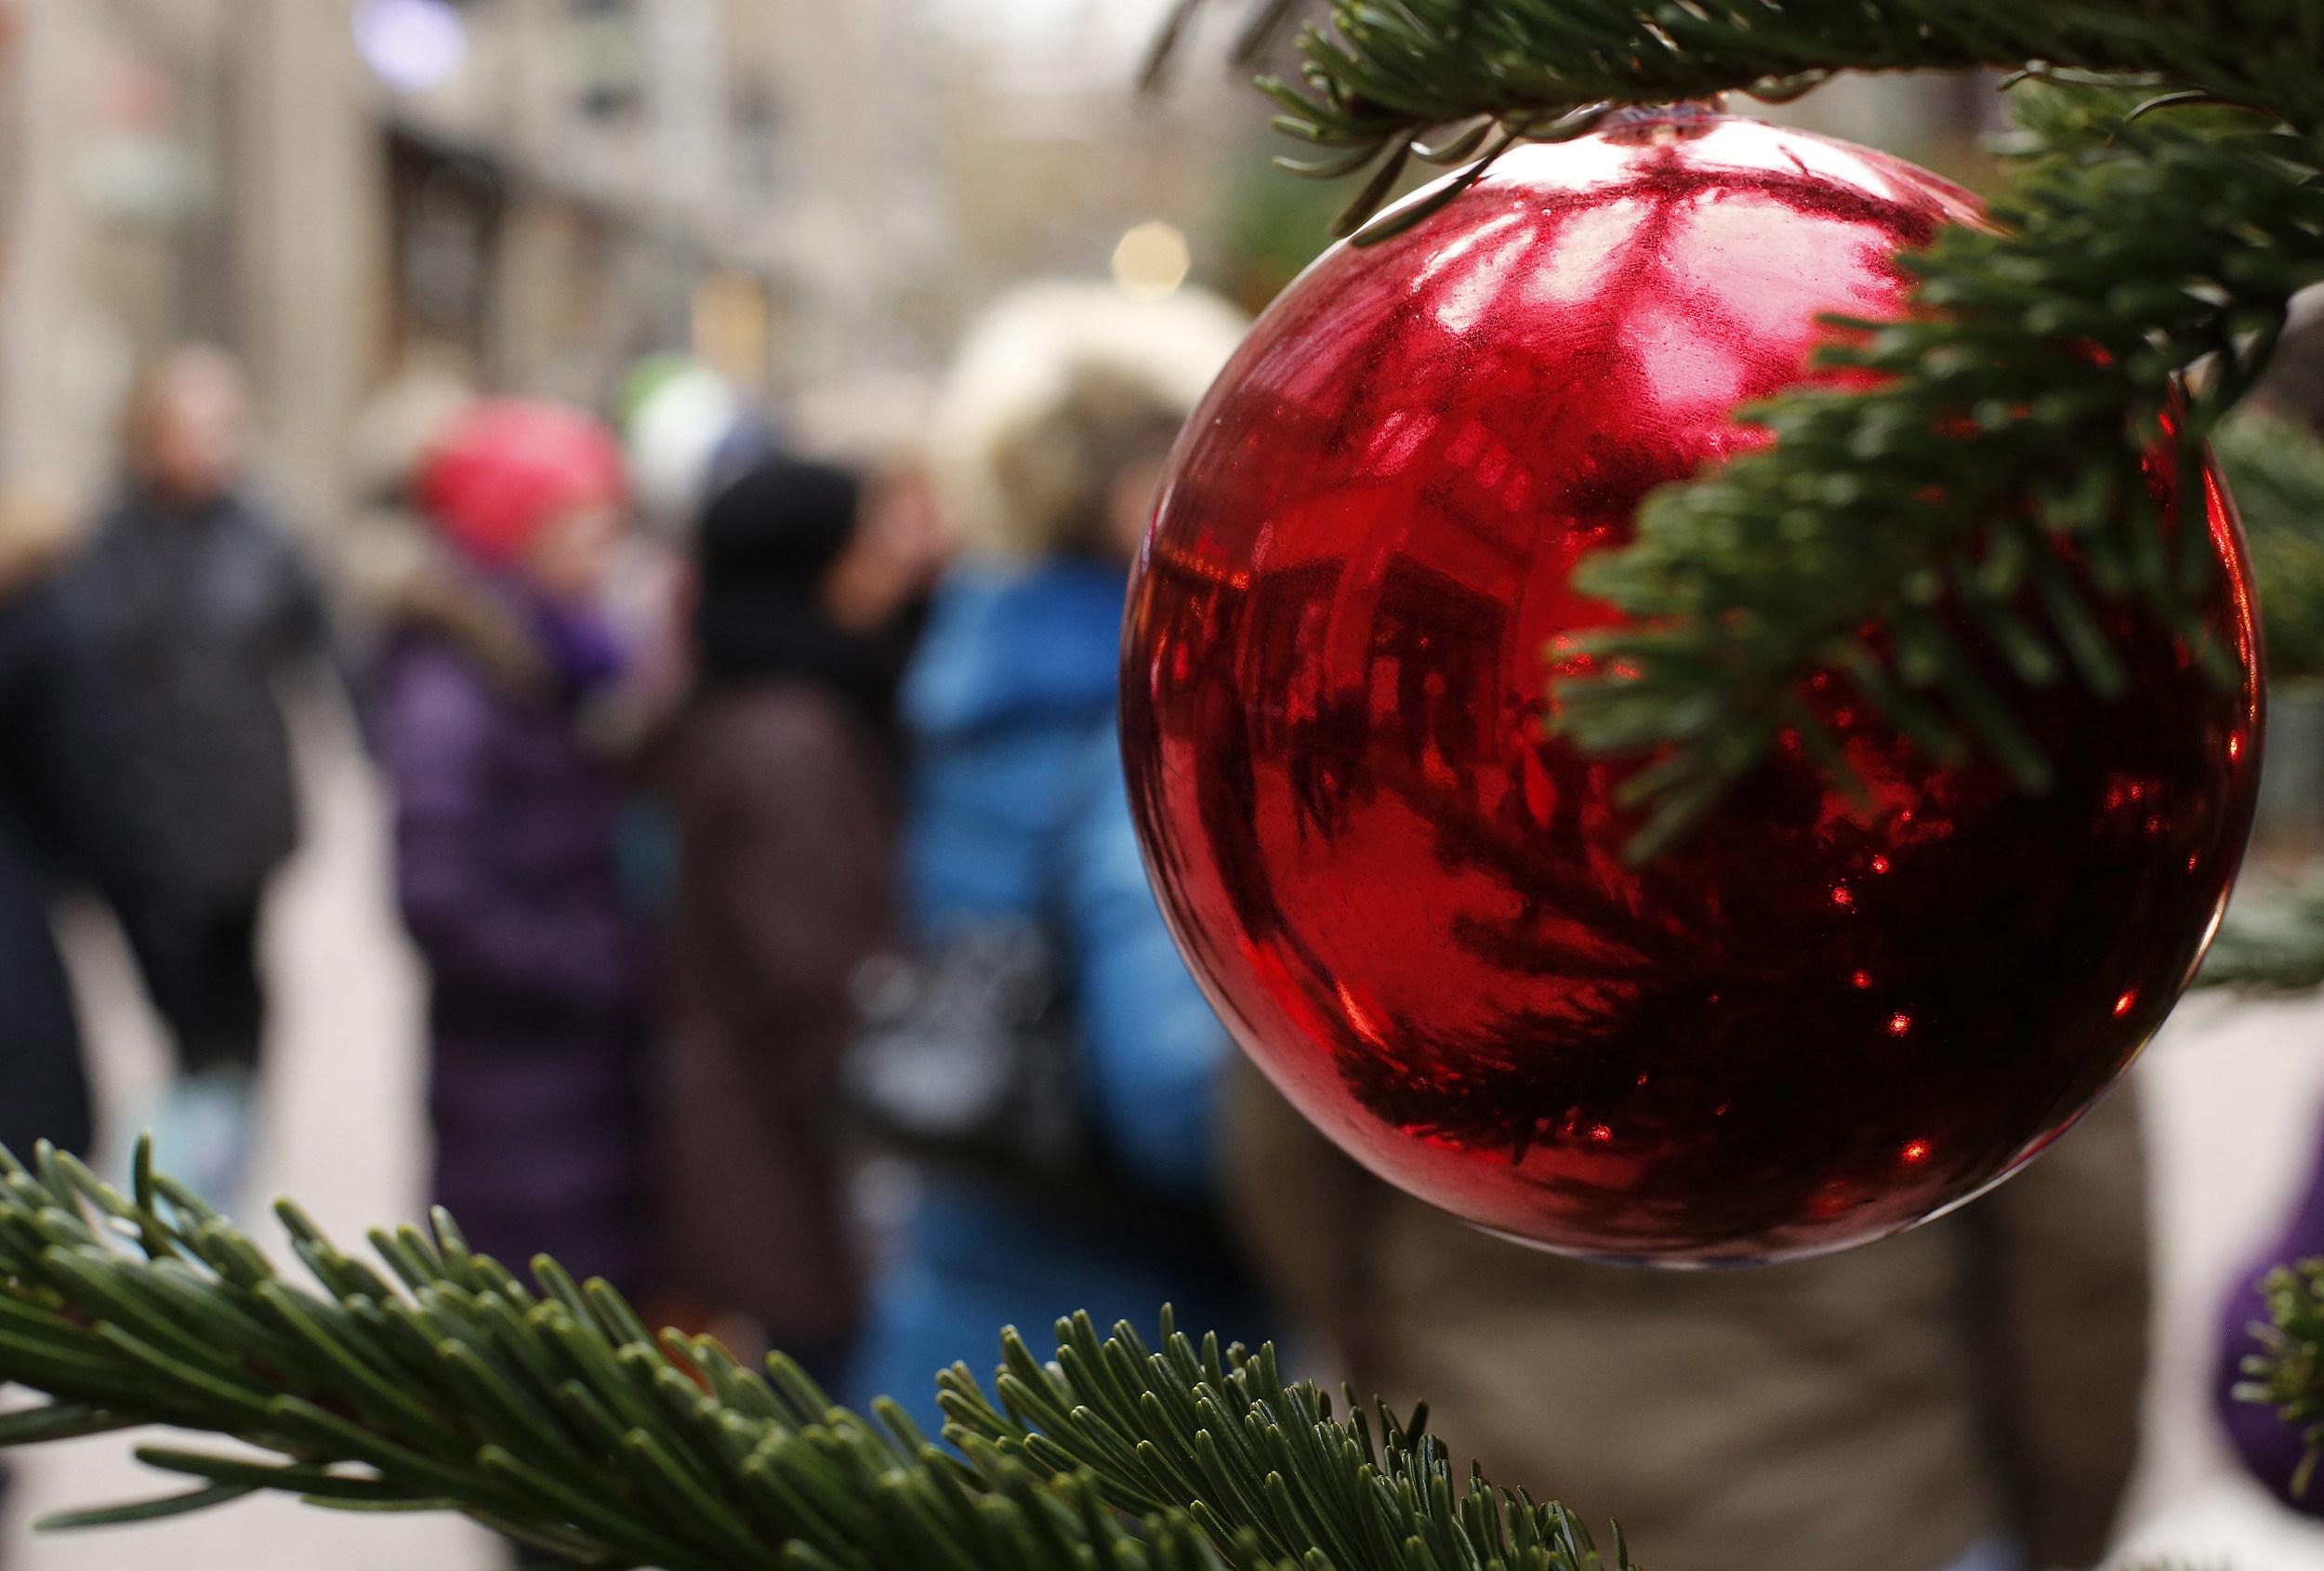 Top 10 Real Christmas Trees [LIST]